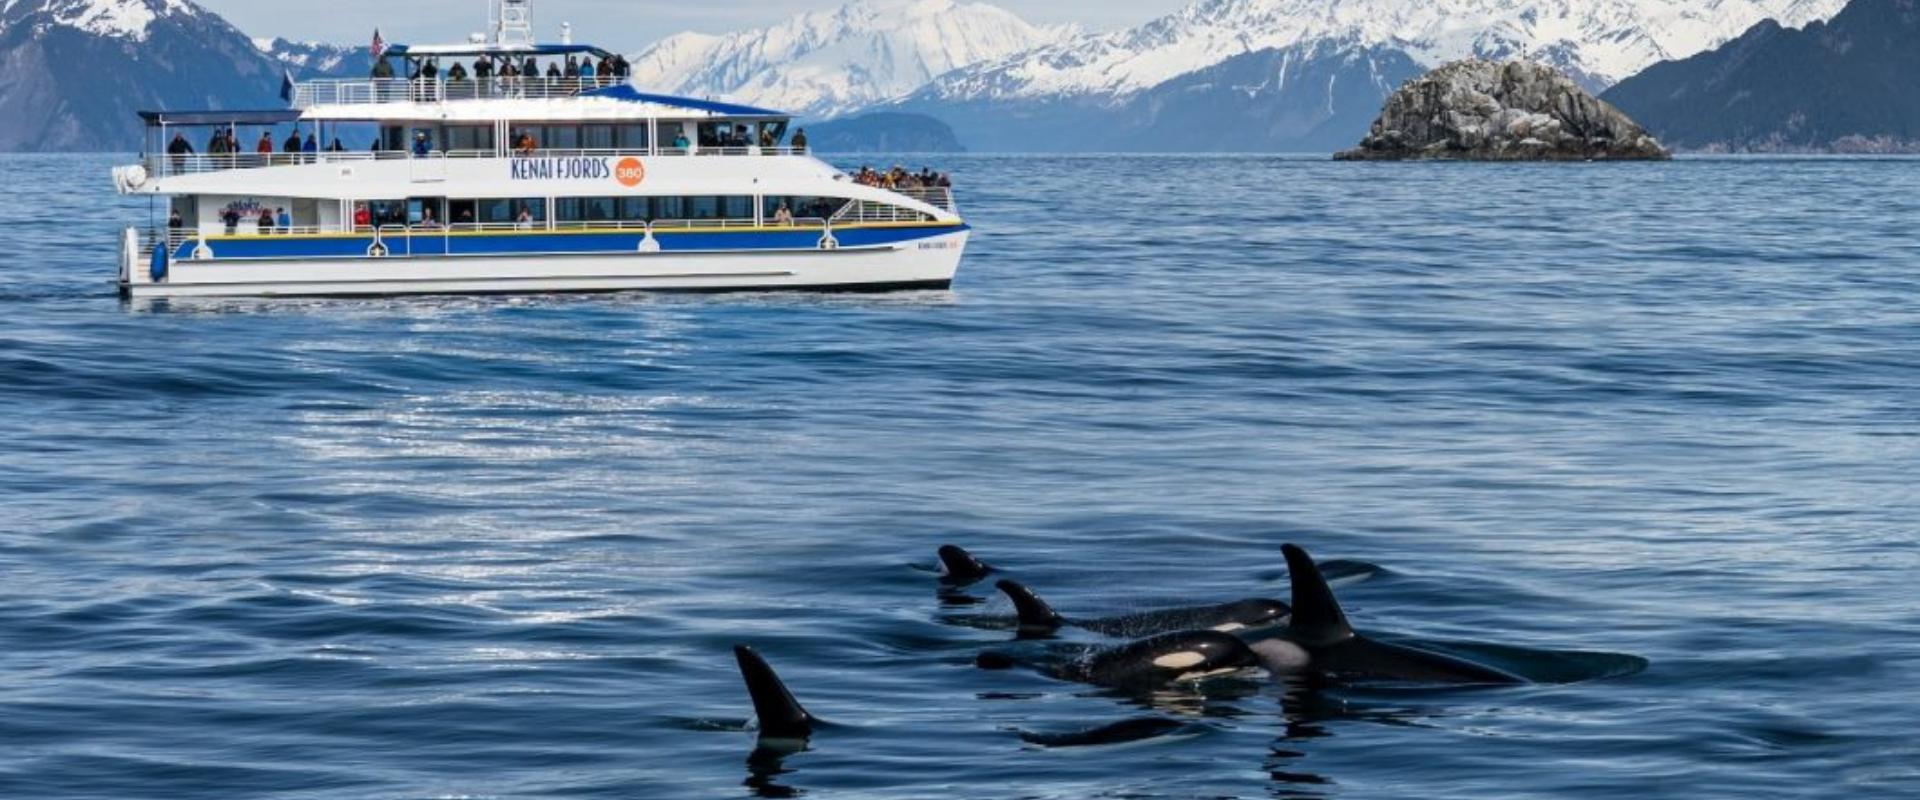 Major Marine Tours-Kenai Fjords